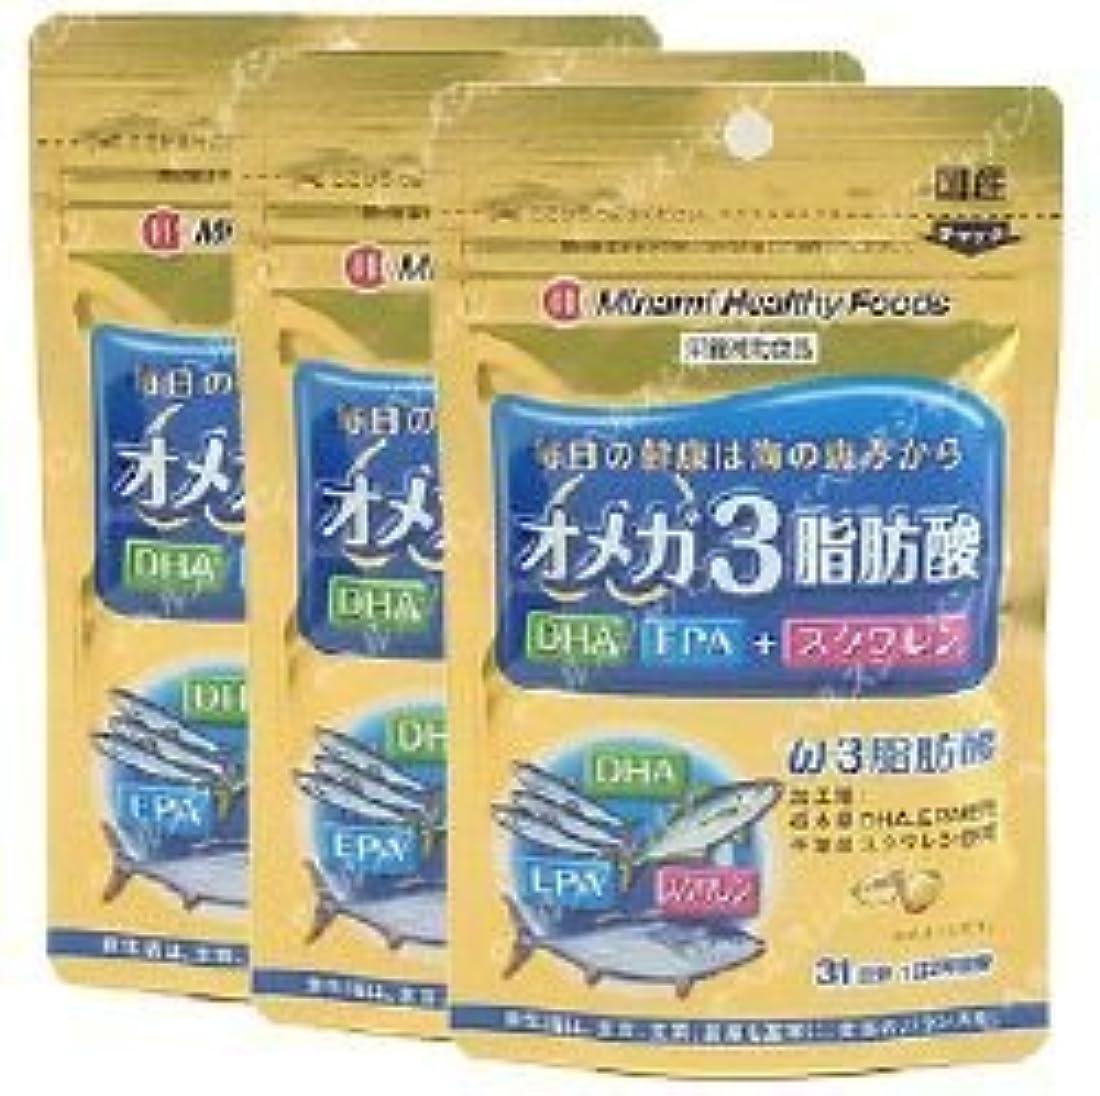 盲信ワードローブ指令オメガ3脂肪酸 31日分 62球(お取り寄せ品)×3個 4945904017975*3